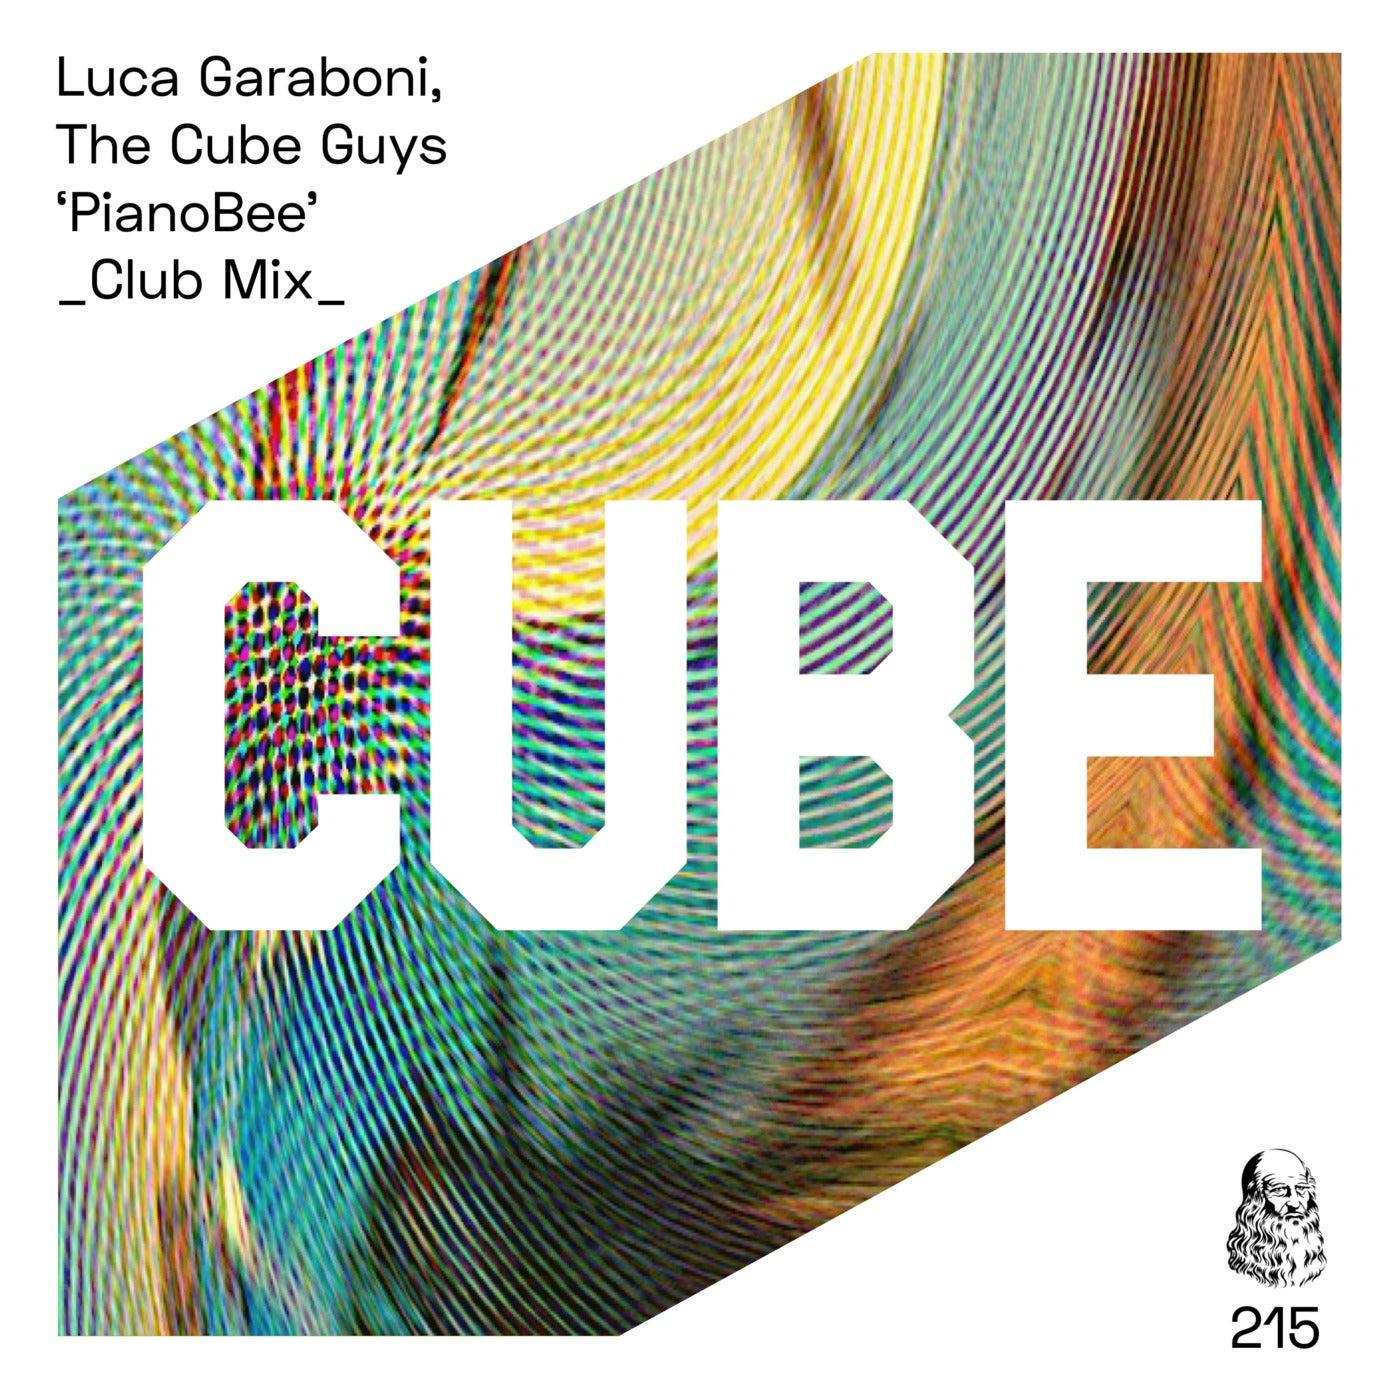 PianoBee (Club Mix)